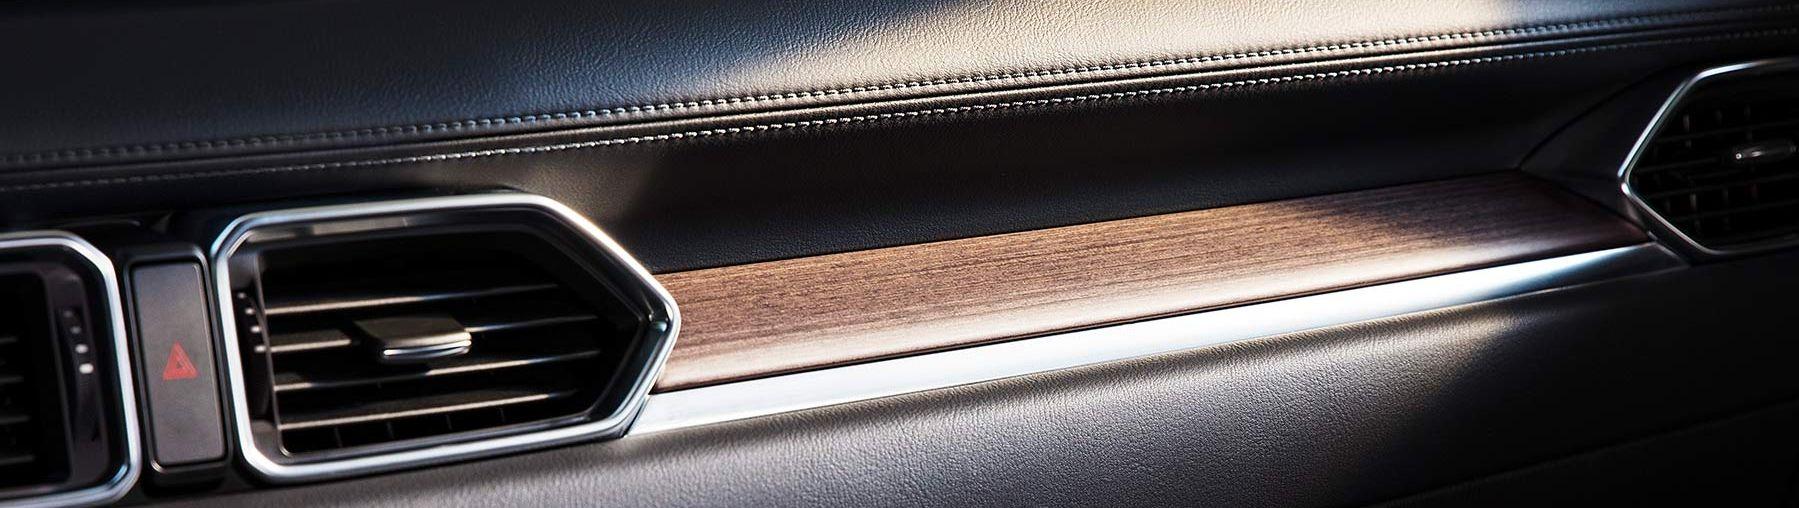 Luxurious Trim in the 2019 Mazda CX-5